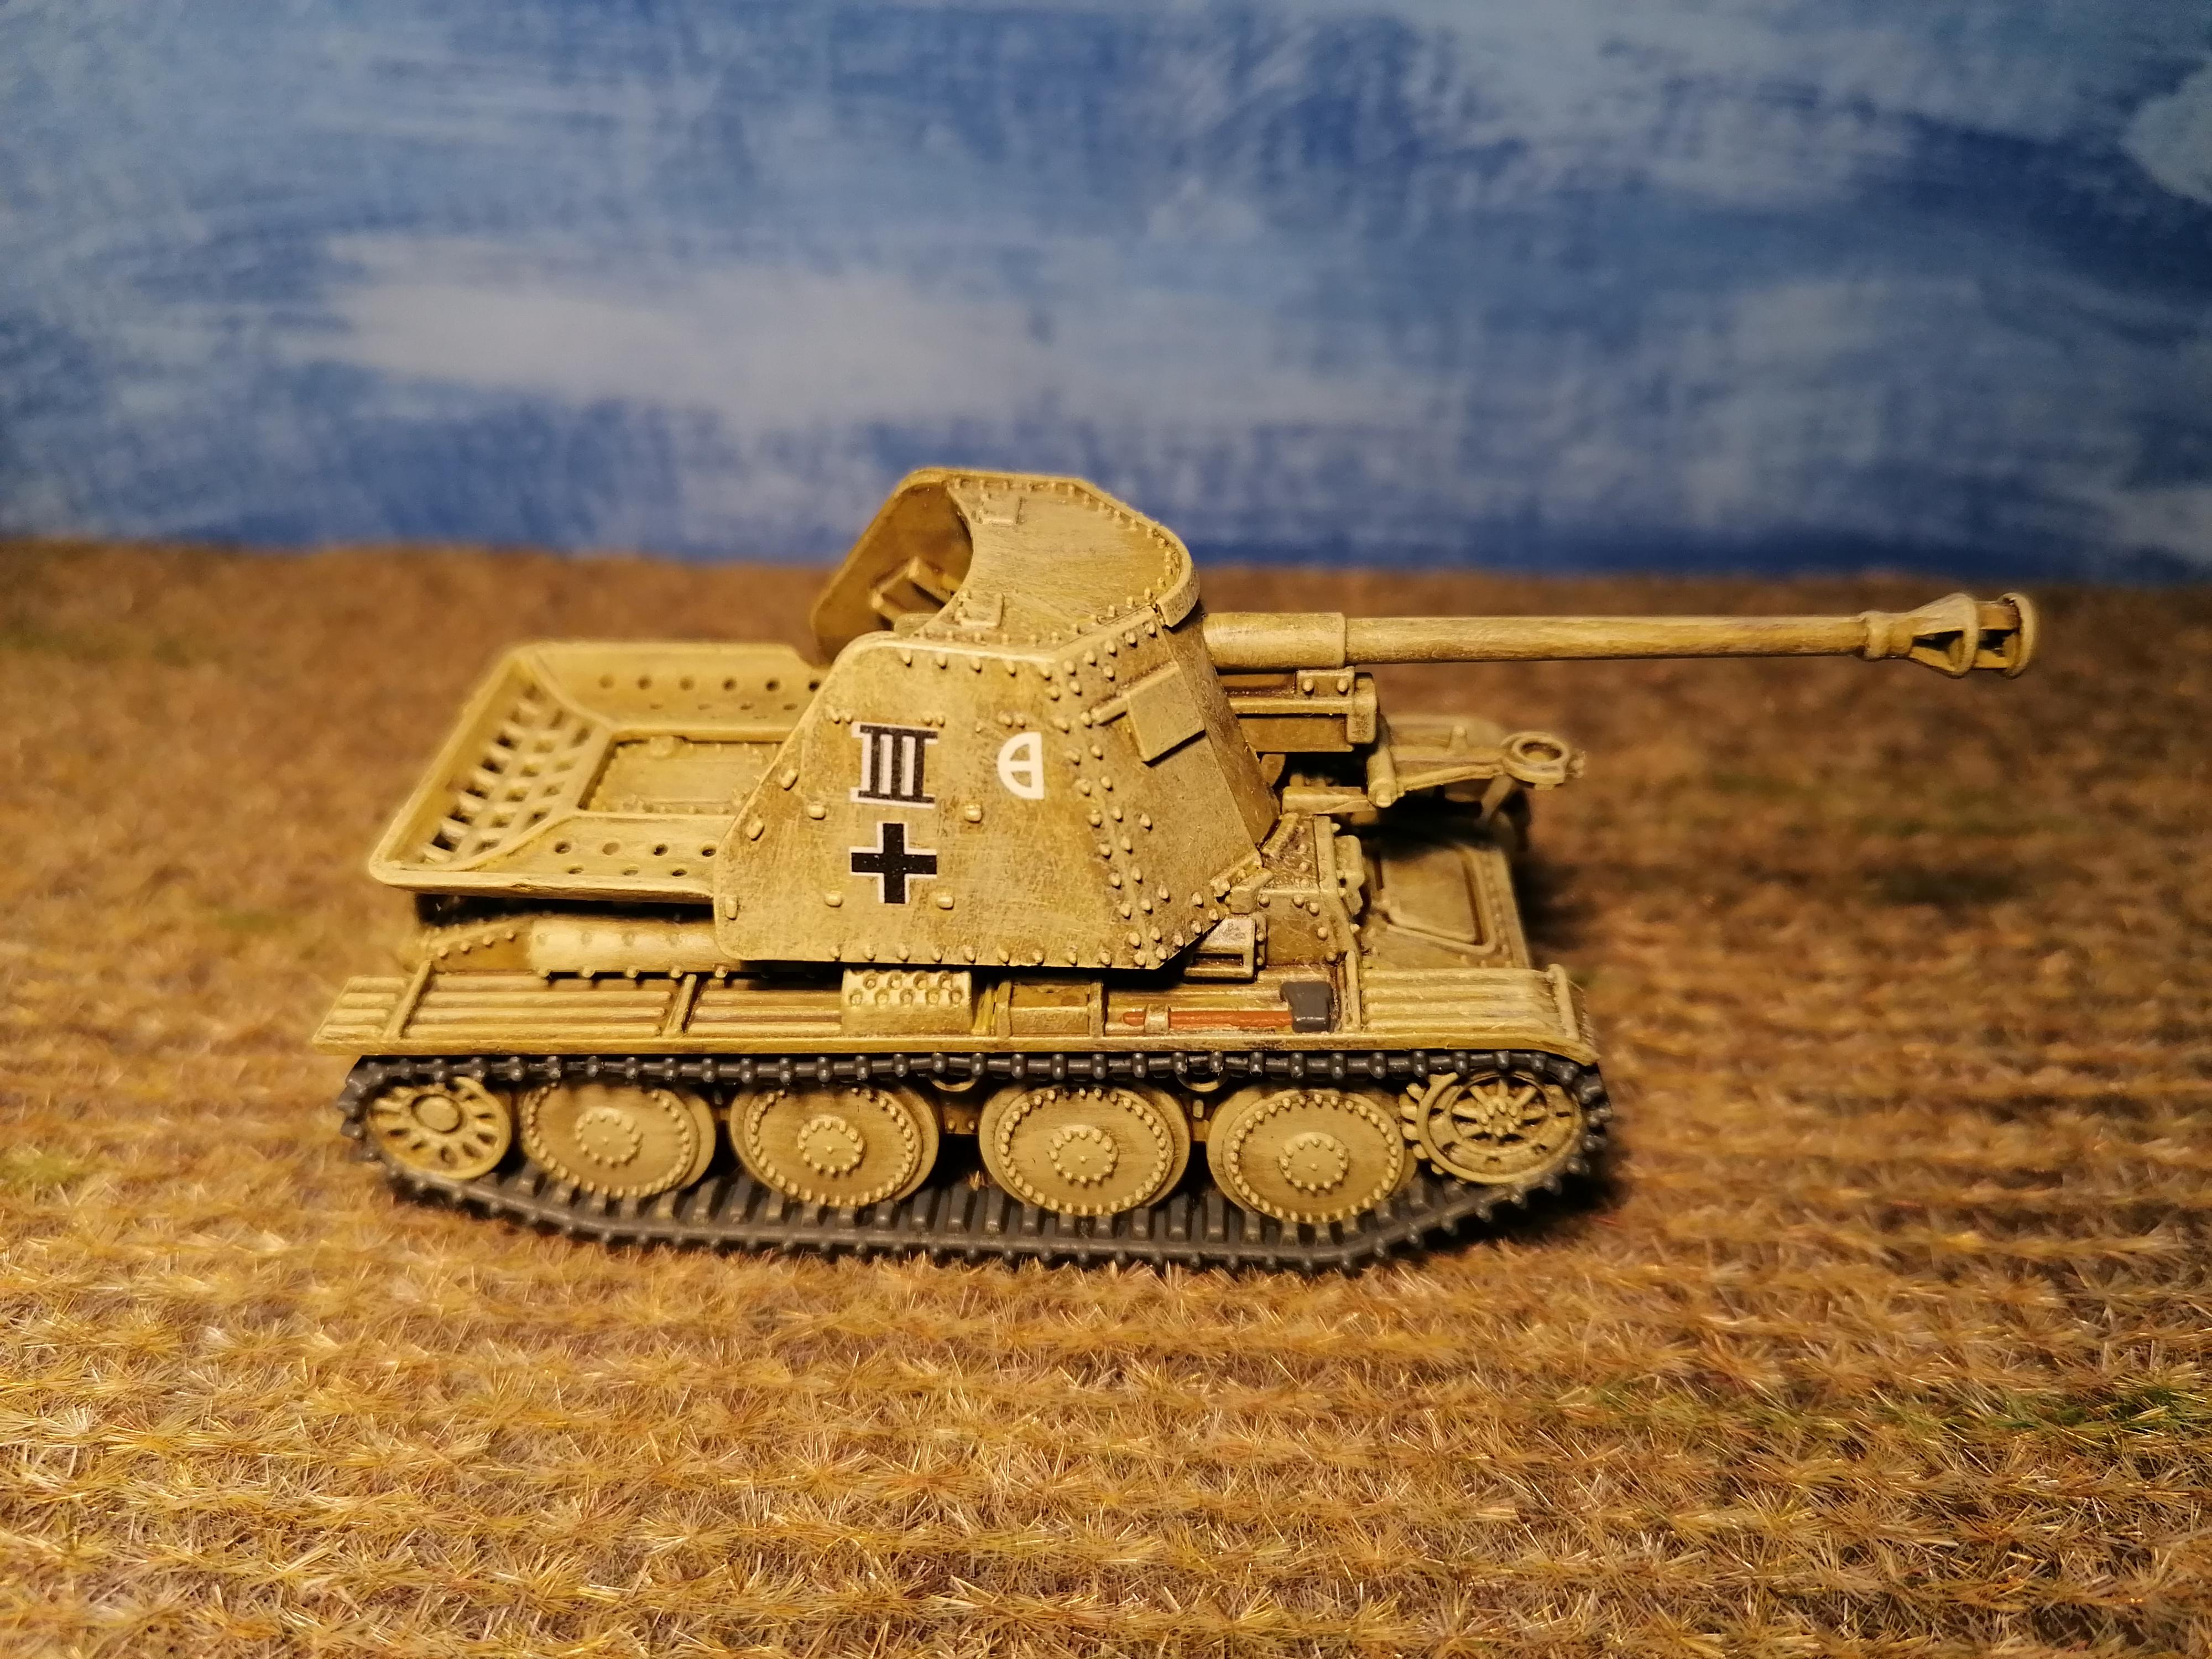 FW-Steiners Truppen - Seite 3 K7k4-5y-770f